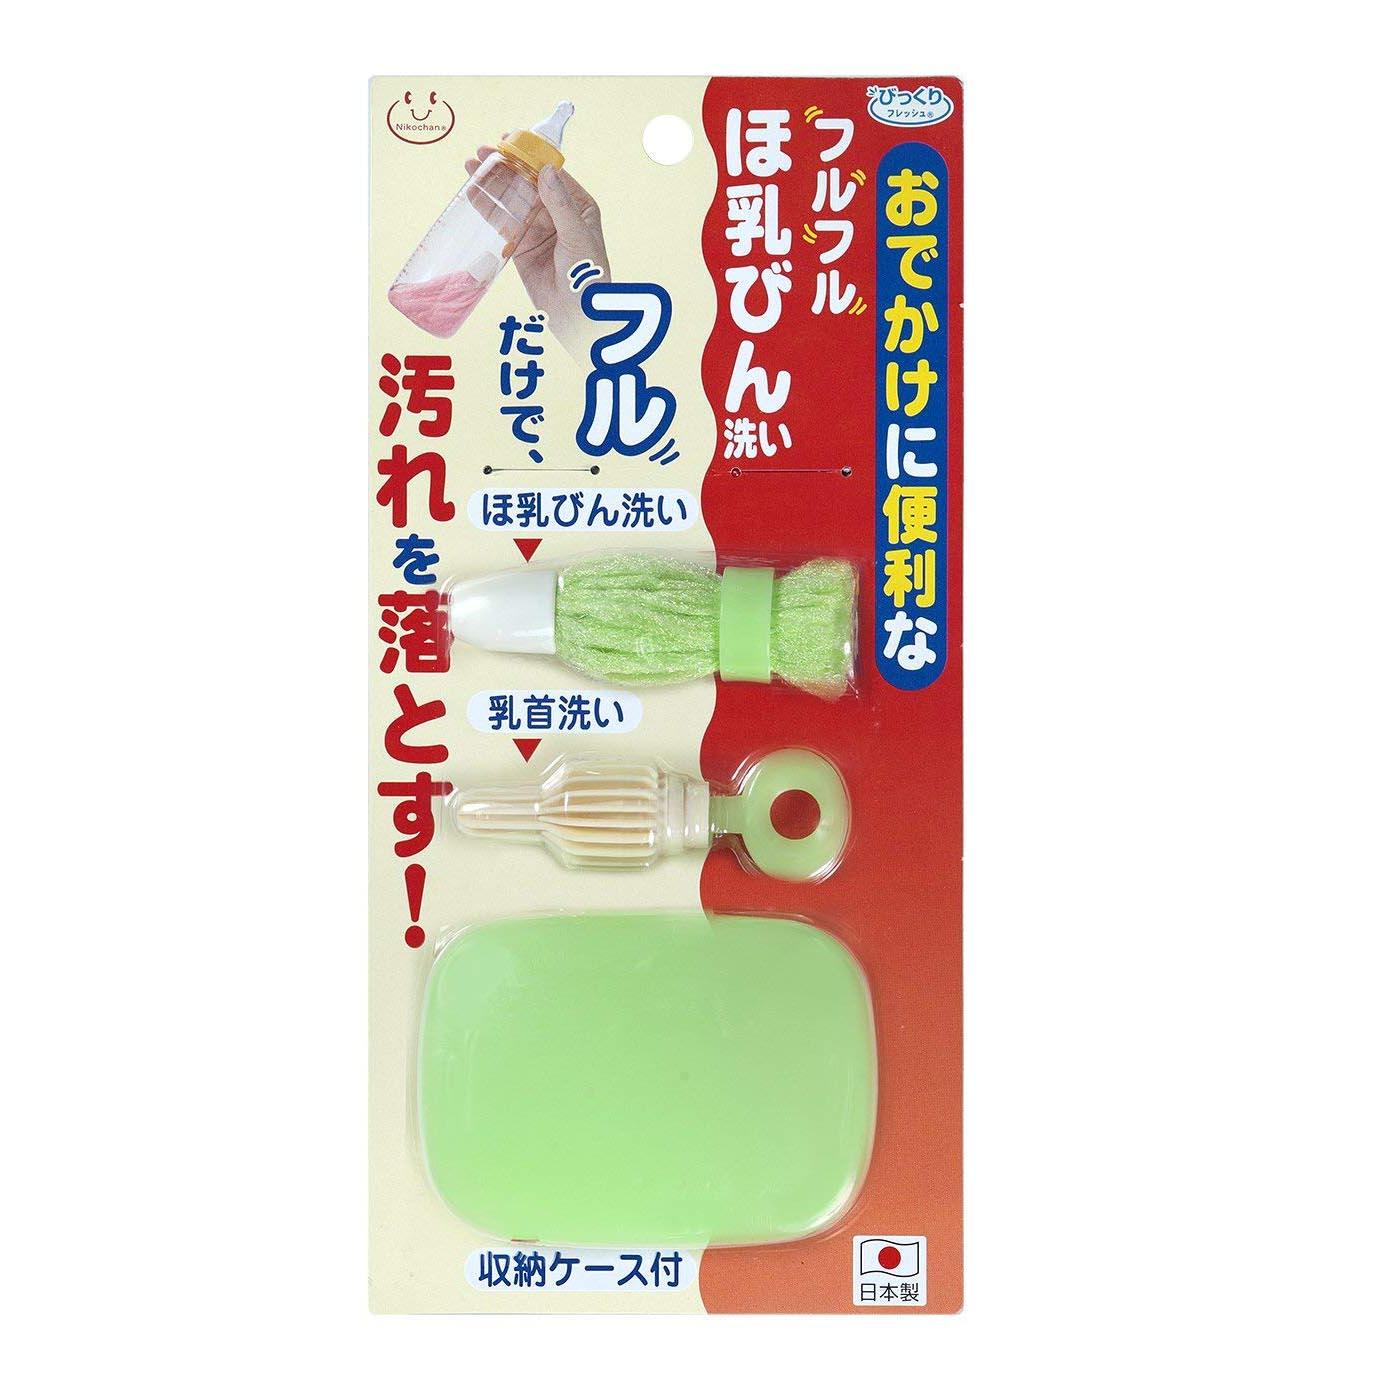 日本SANKO攜帶式魔法奶瓶刷組(粉色 / 綠色)嬰幼兒奶瓶奶嘴清潔刷 3